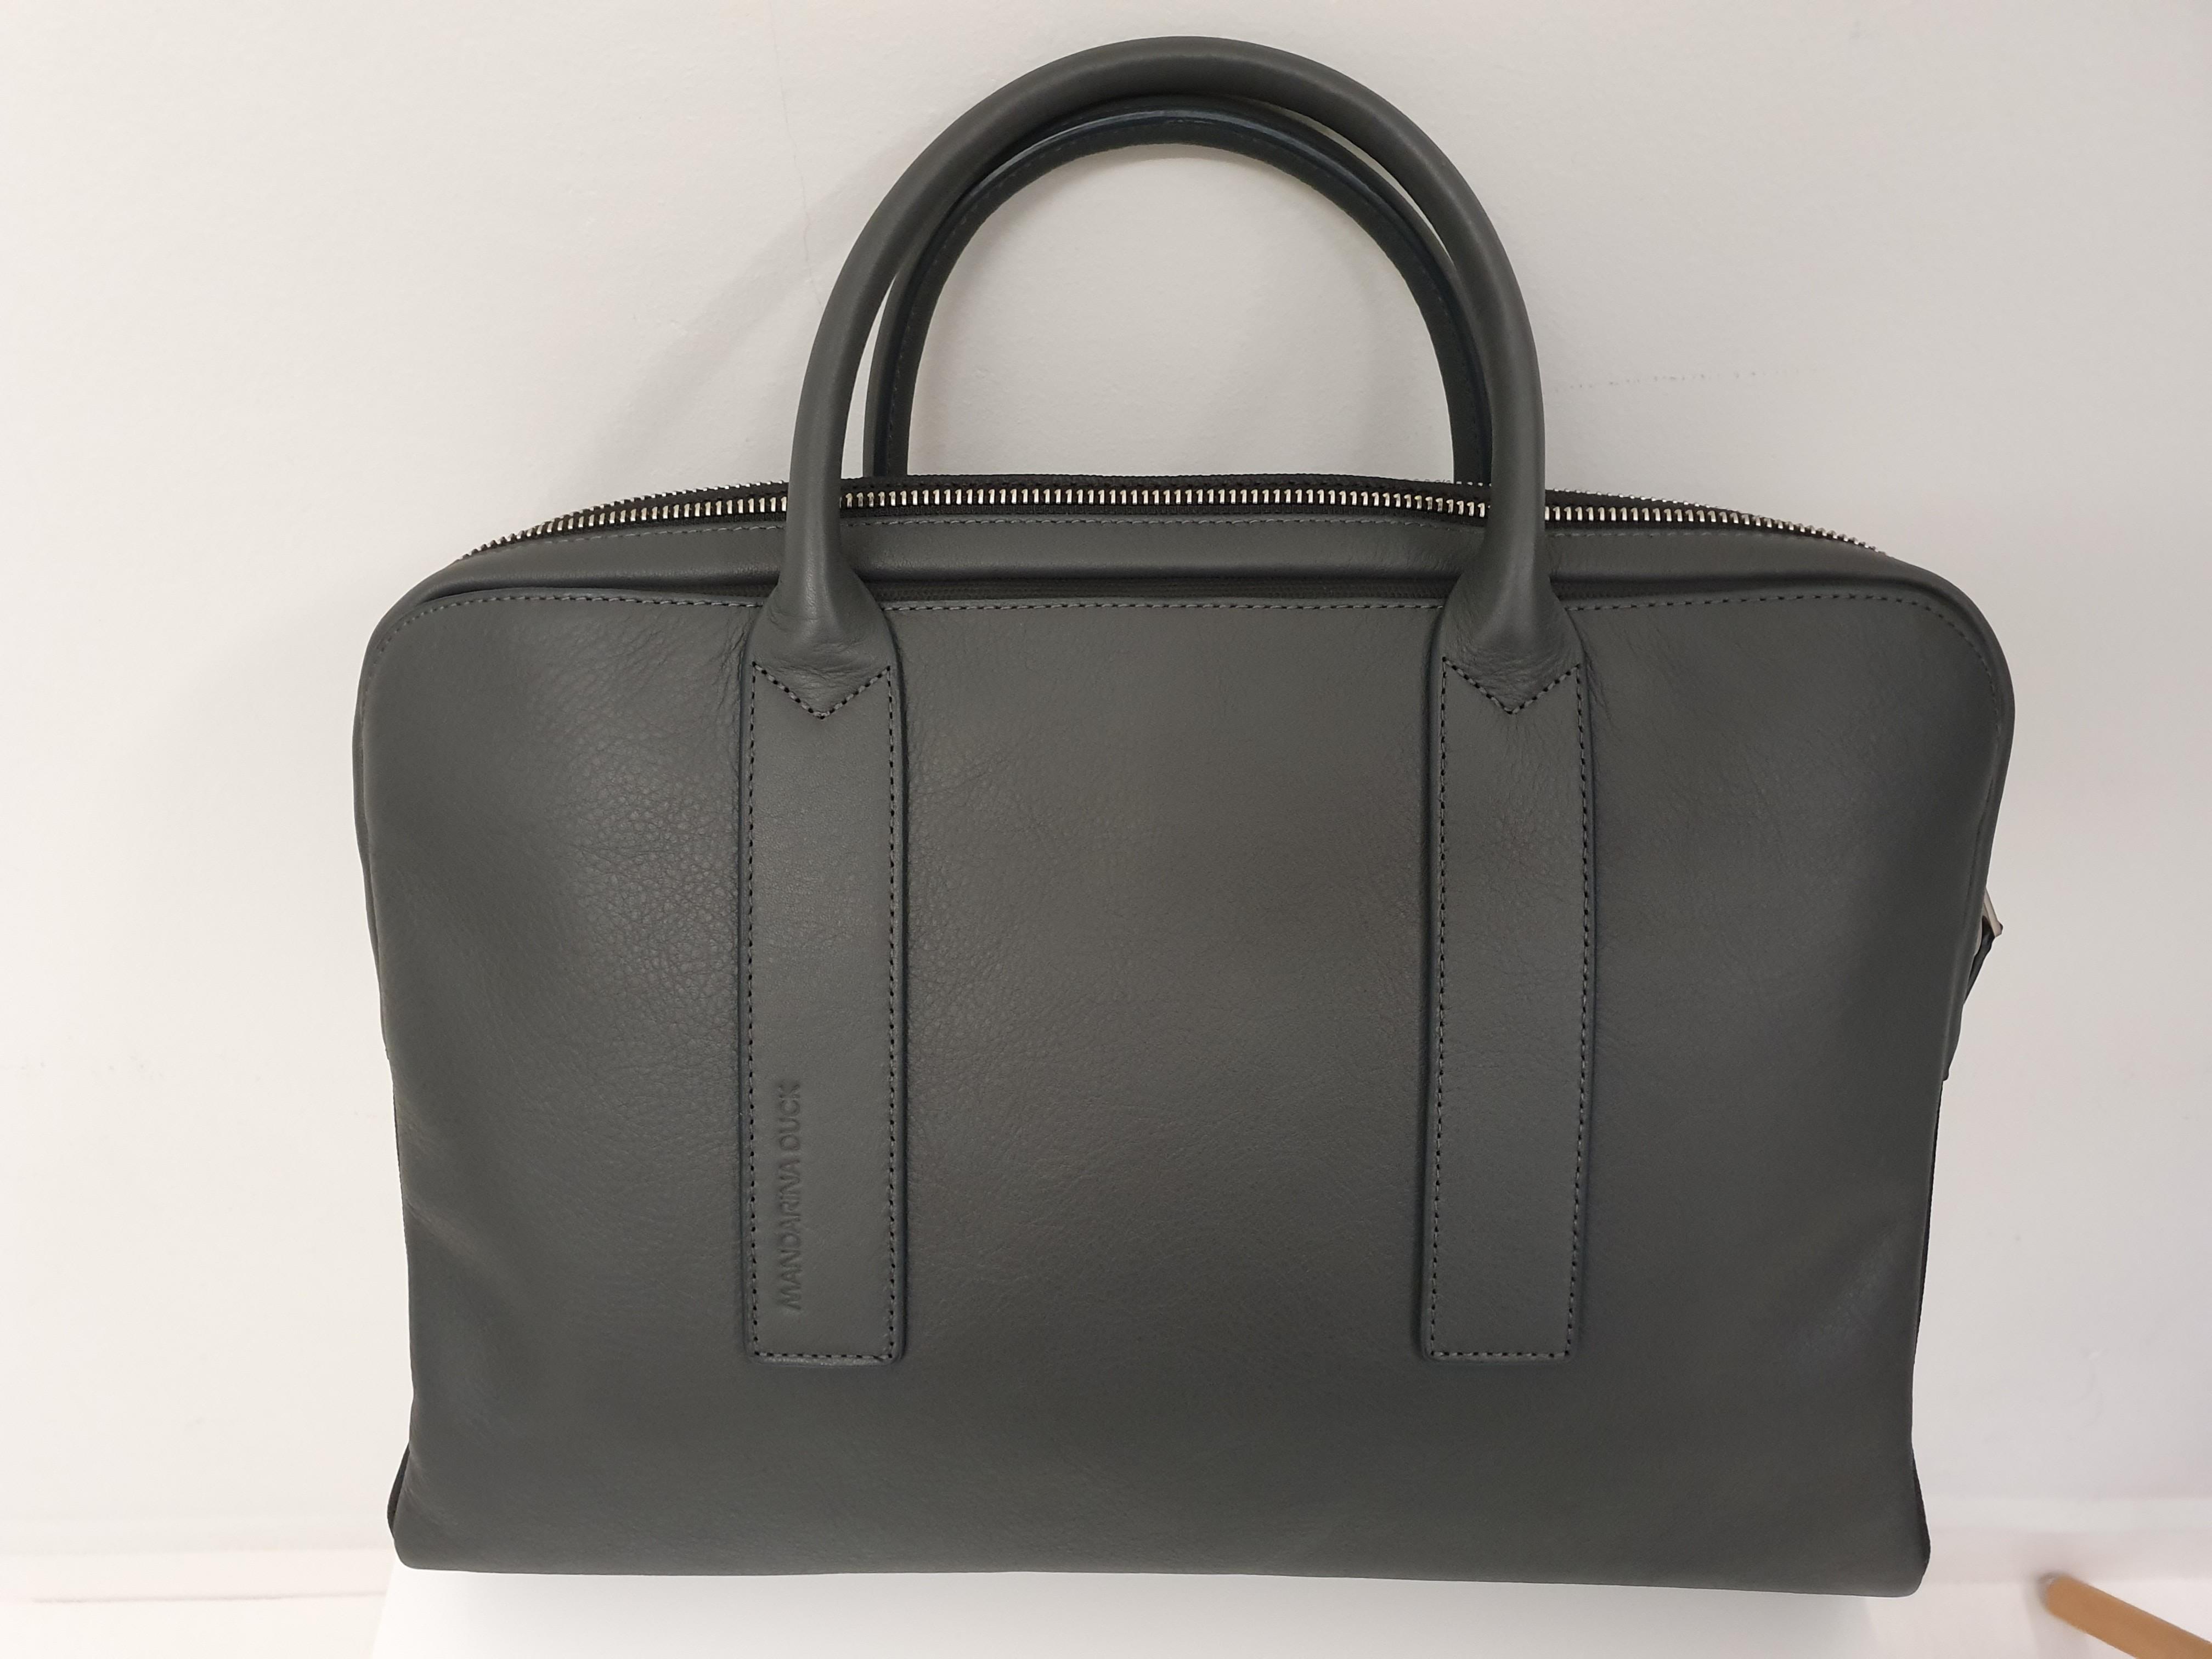 Mandarina Bag